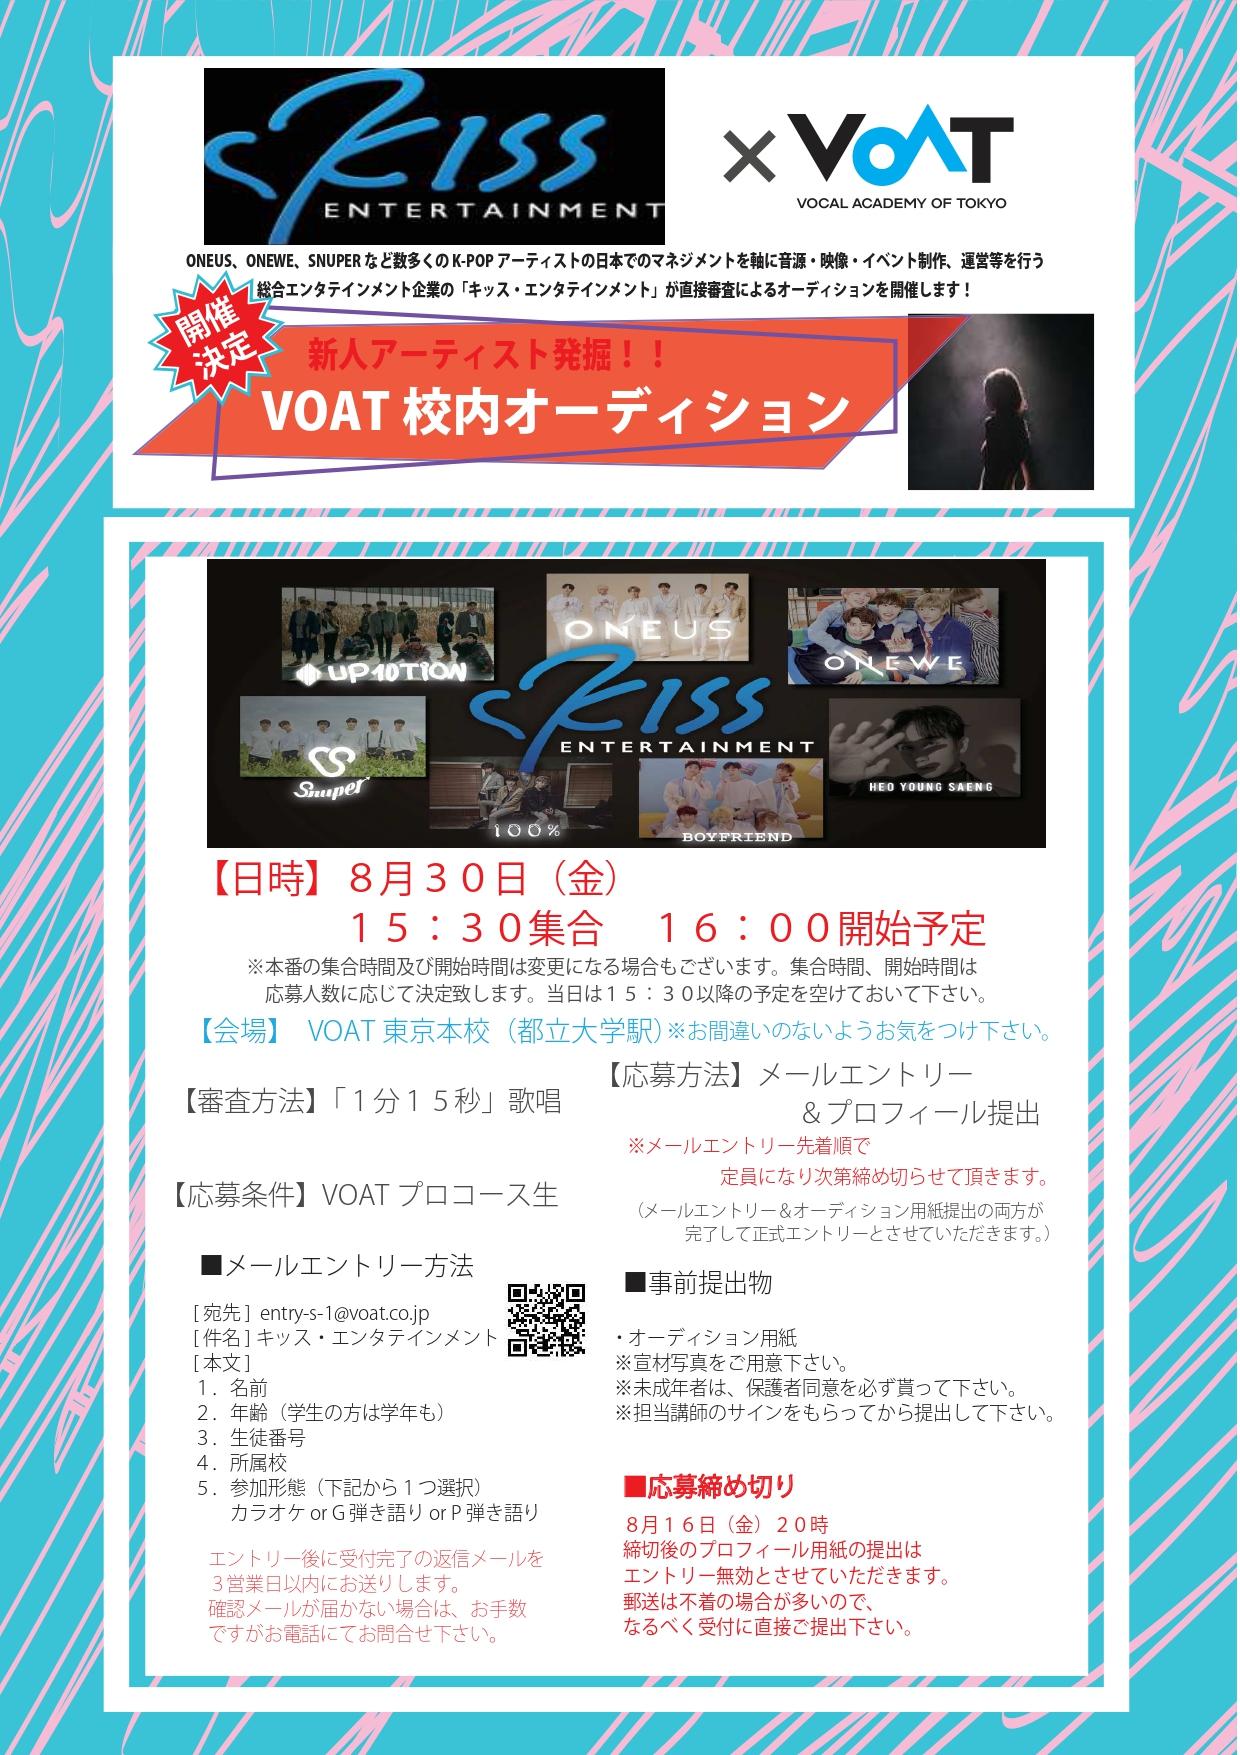 キッス・エンタテインメントWeb用POP_page-0001.jpg